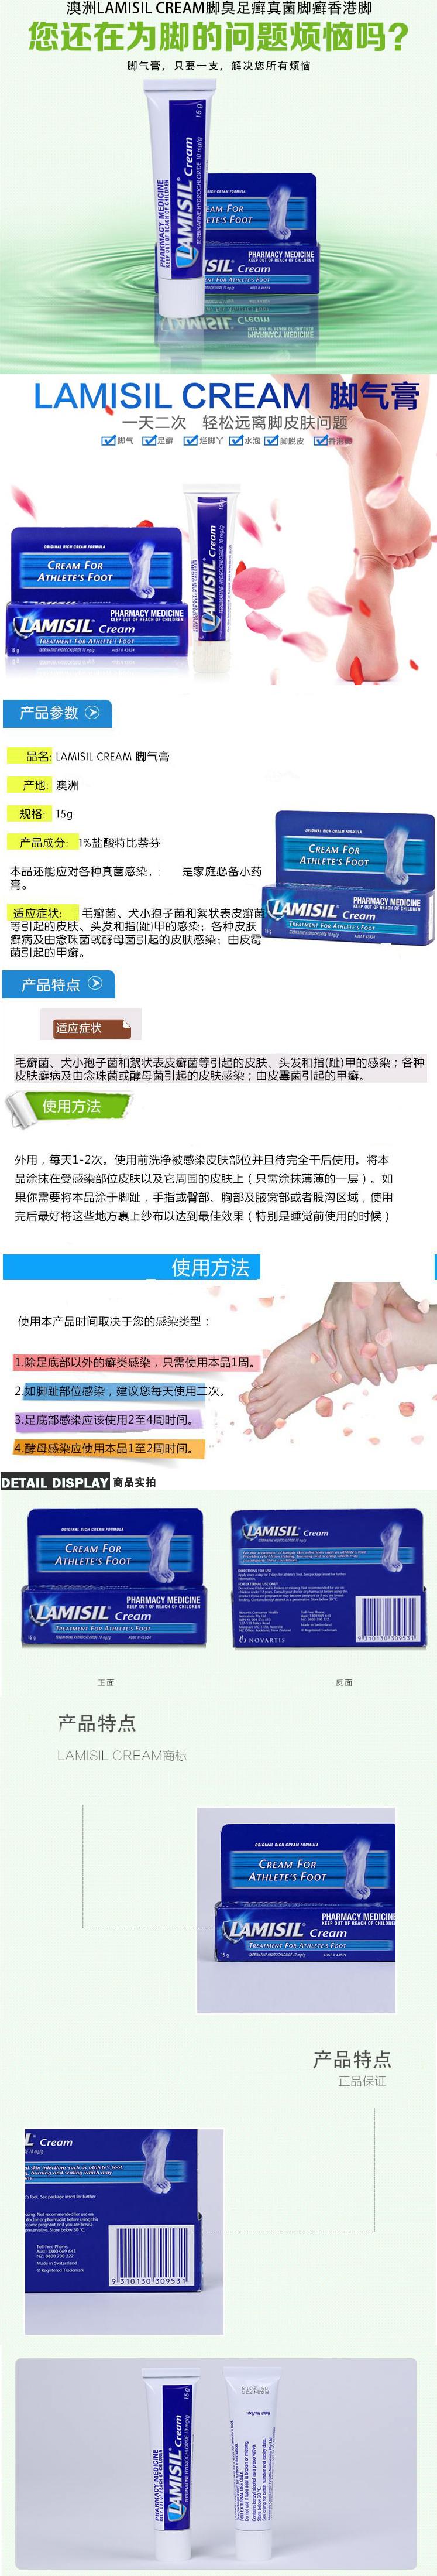 澳洲Lamisil Cream足癣脚气膏香港脚15g 1支【图片 价格 品牌 报价】-京东.png